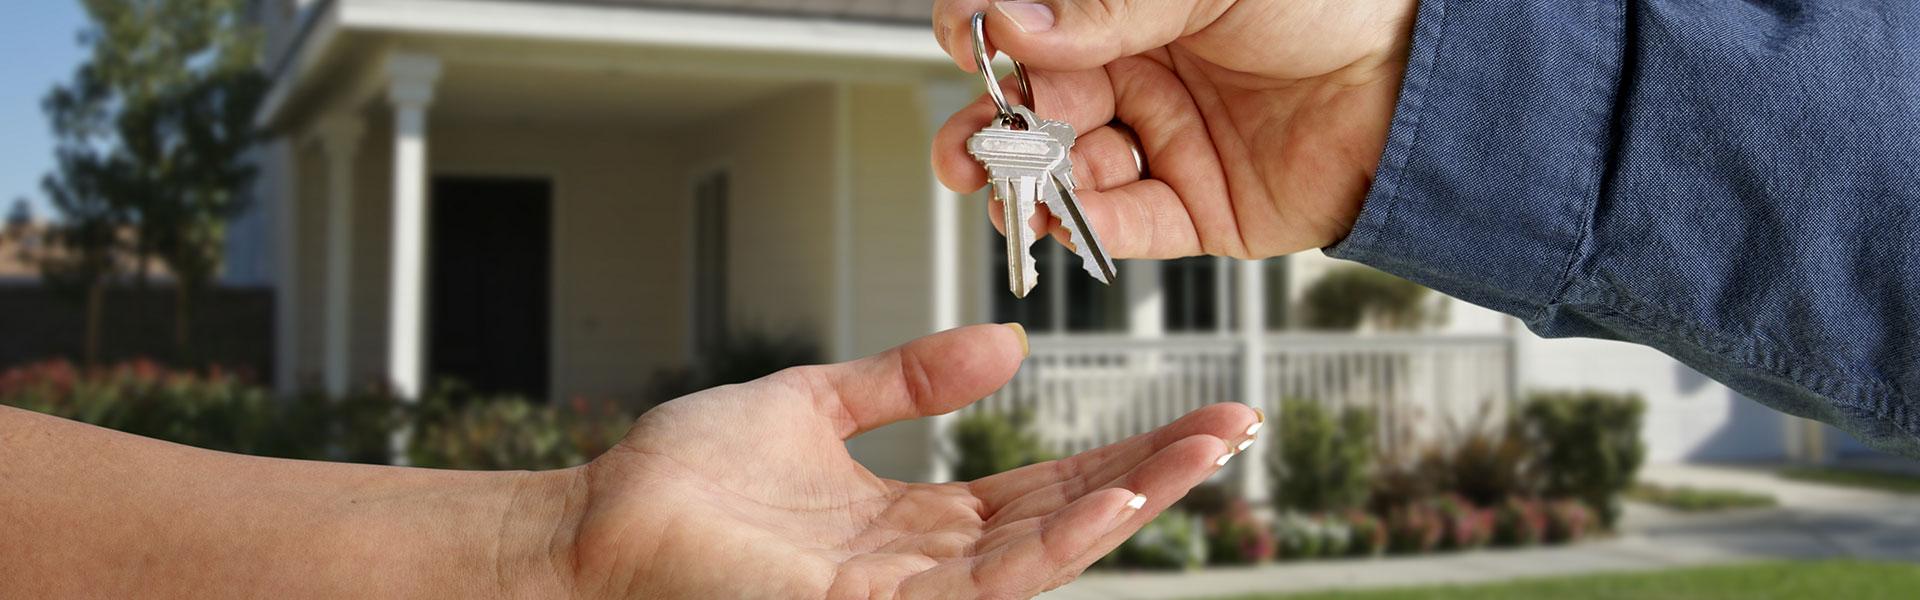 Vor einem Haus wird ein Schlüssel von einer in die andere Hand übergeben.